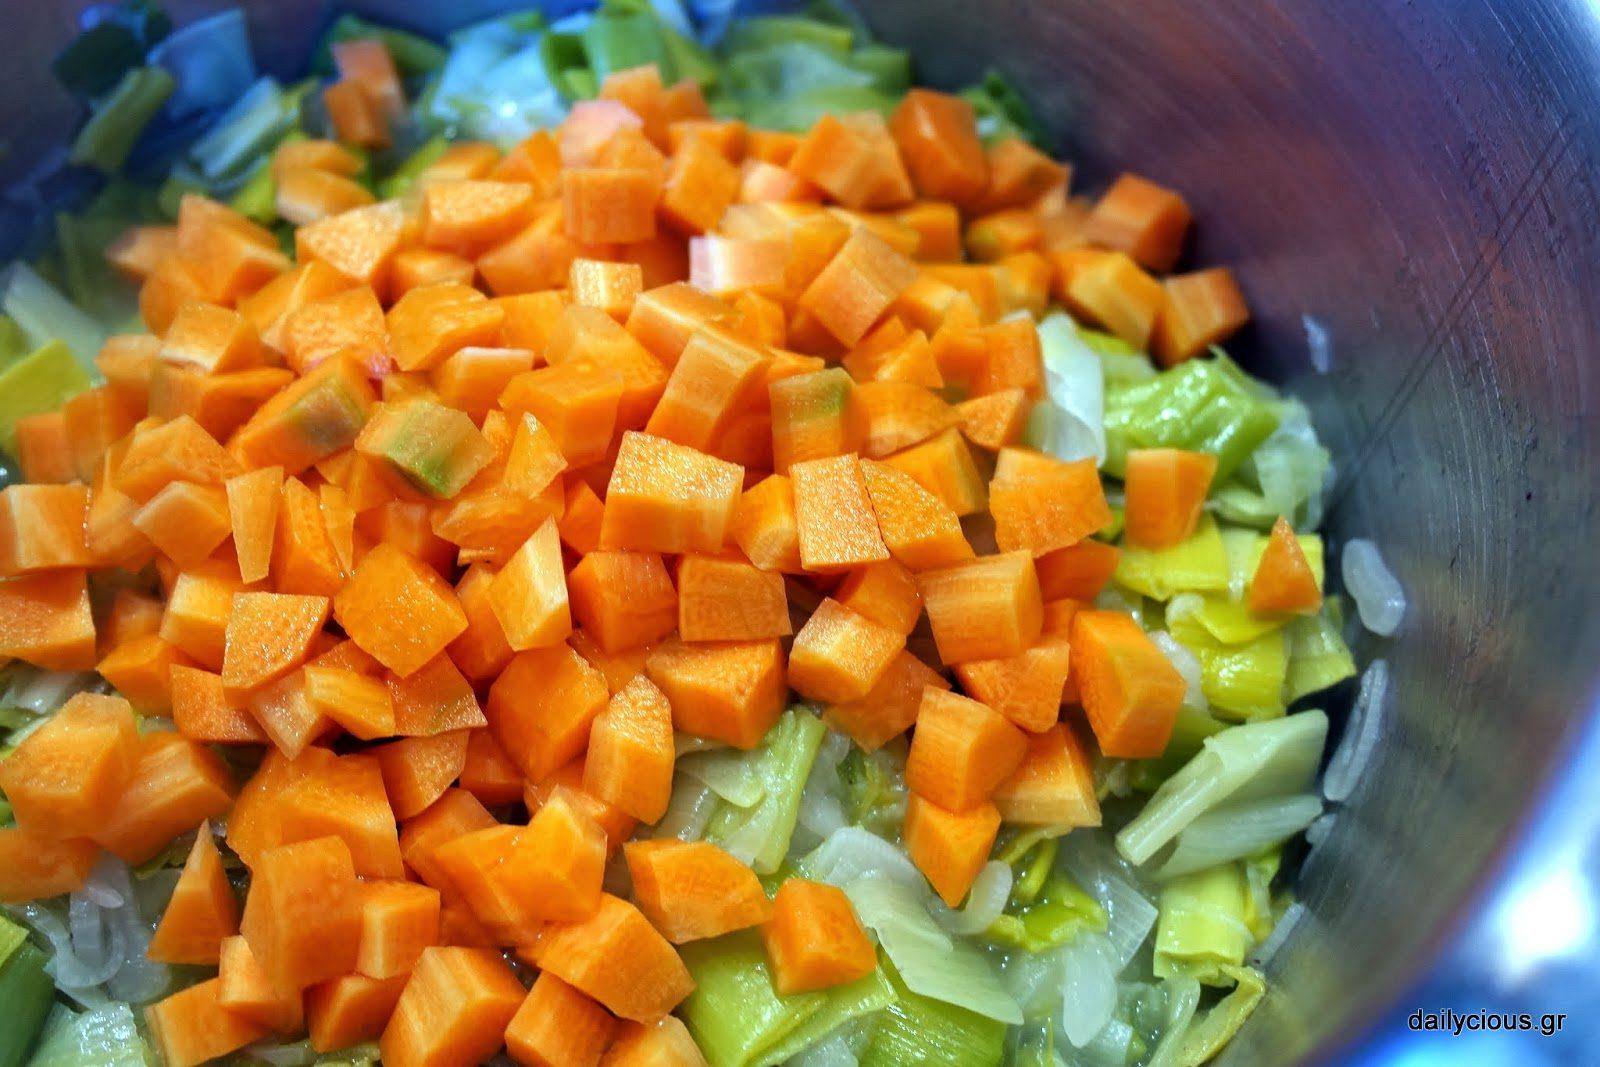 Ρίχνω στο τέλος το καρότο.